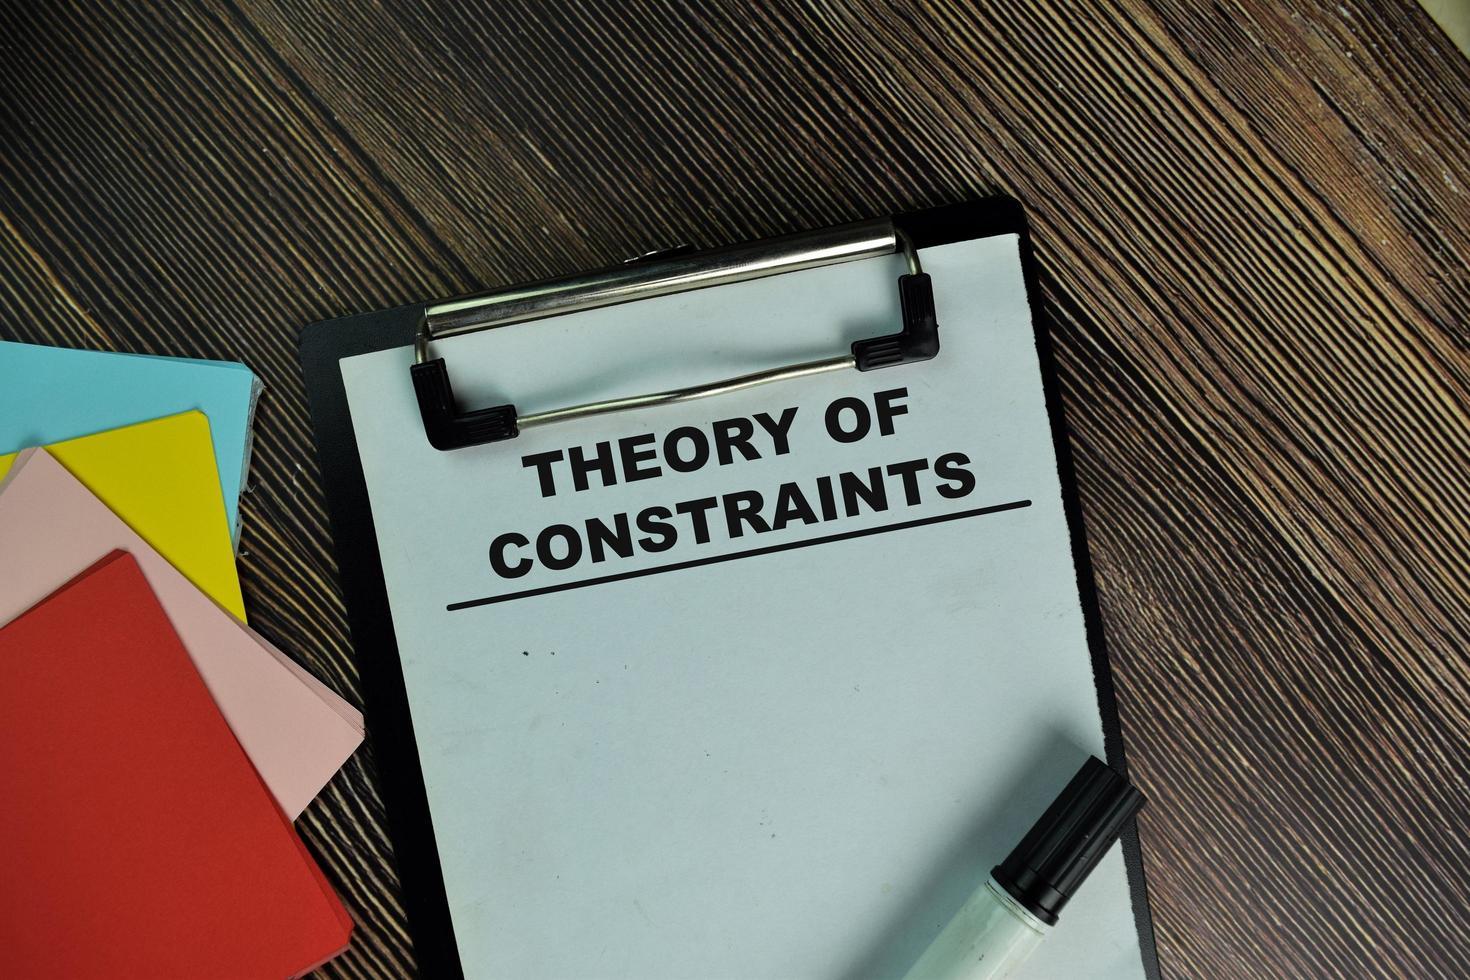 Teoría de las limitaciones escritas en el papeleo aislado en la mesa de madera foto